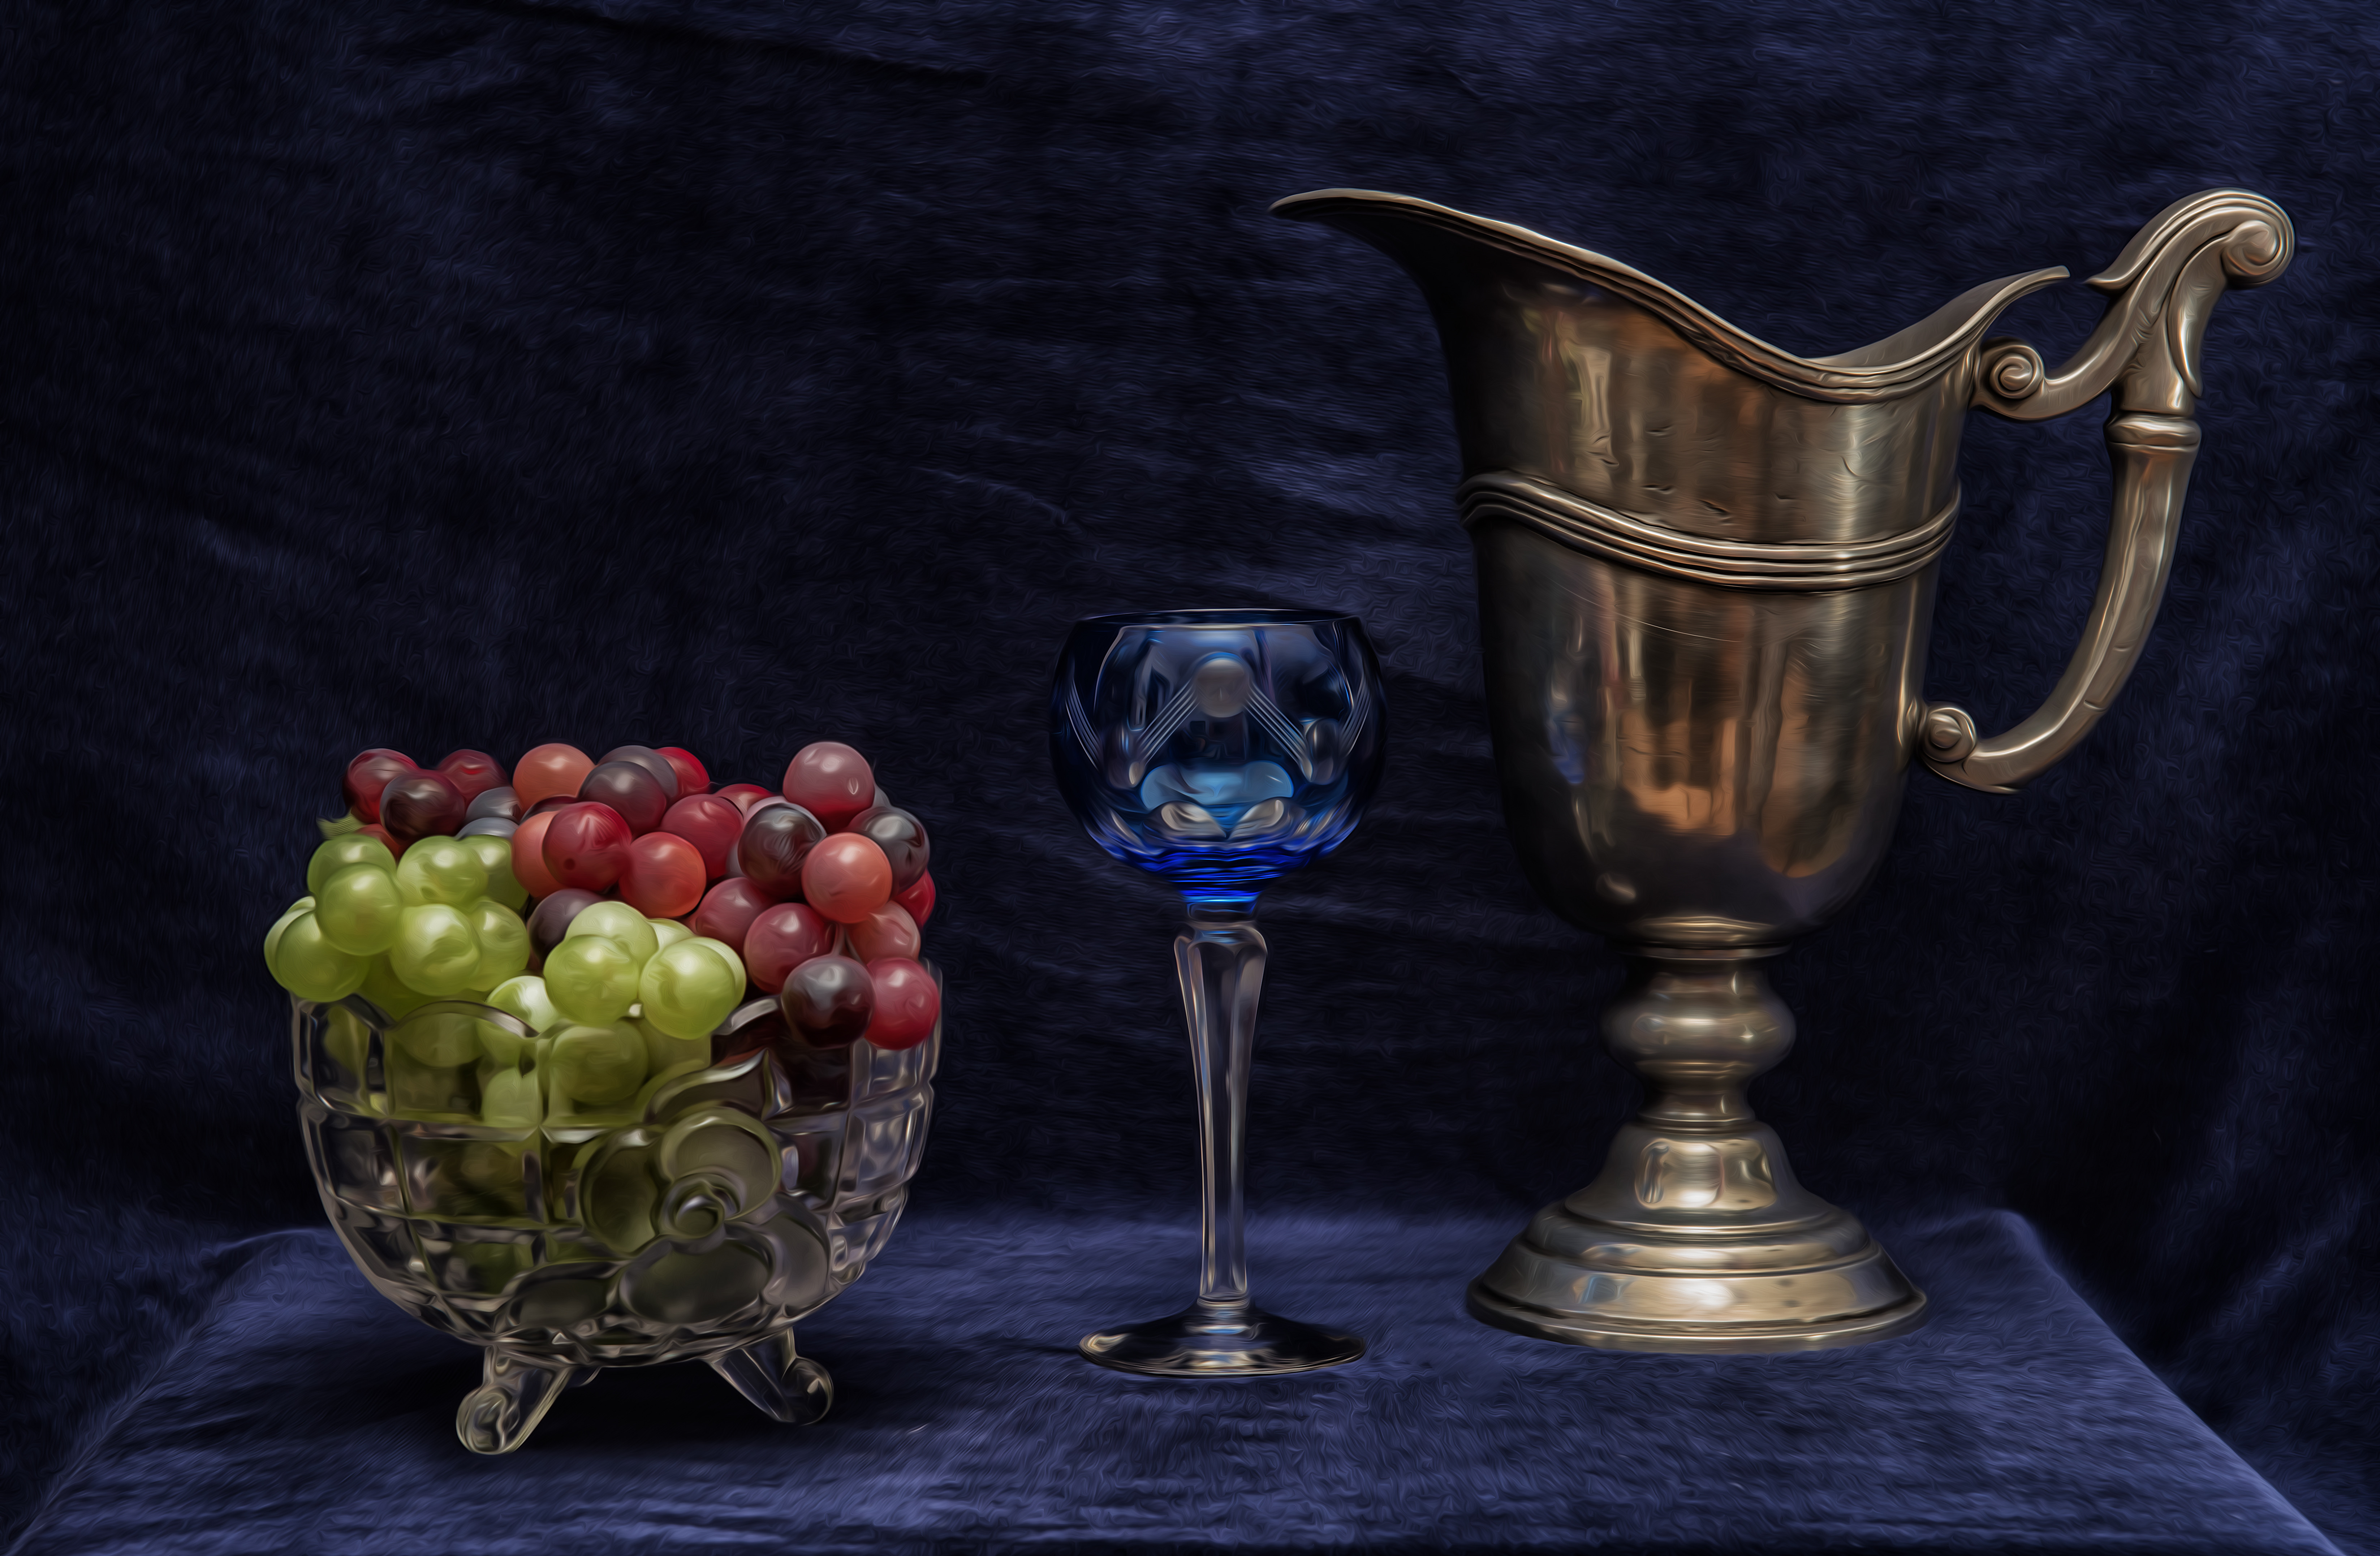 обои кувшин, бокал, виноград, натюрморт картинки фото